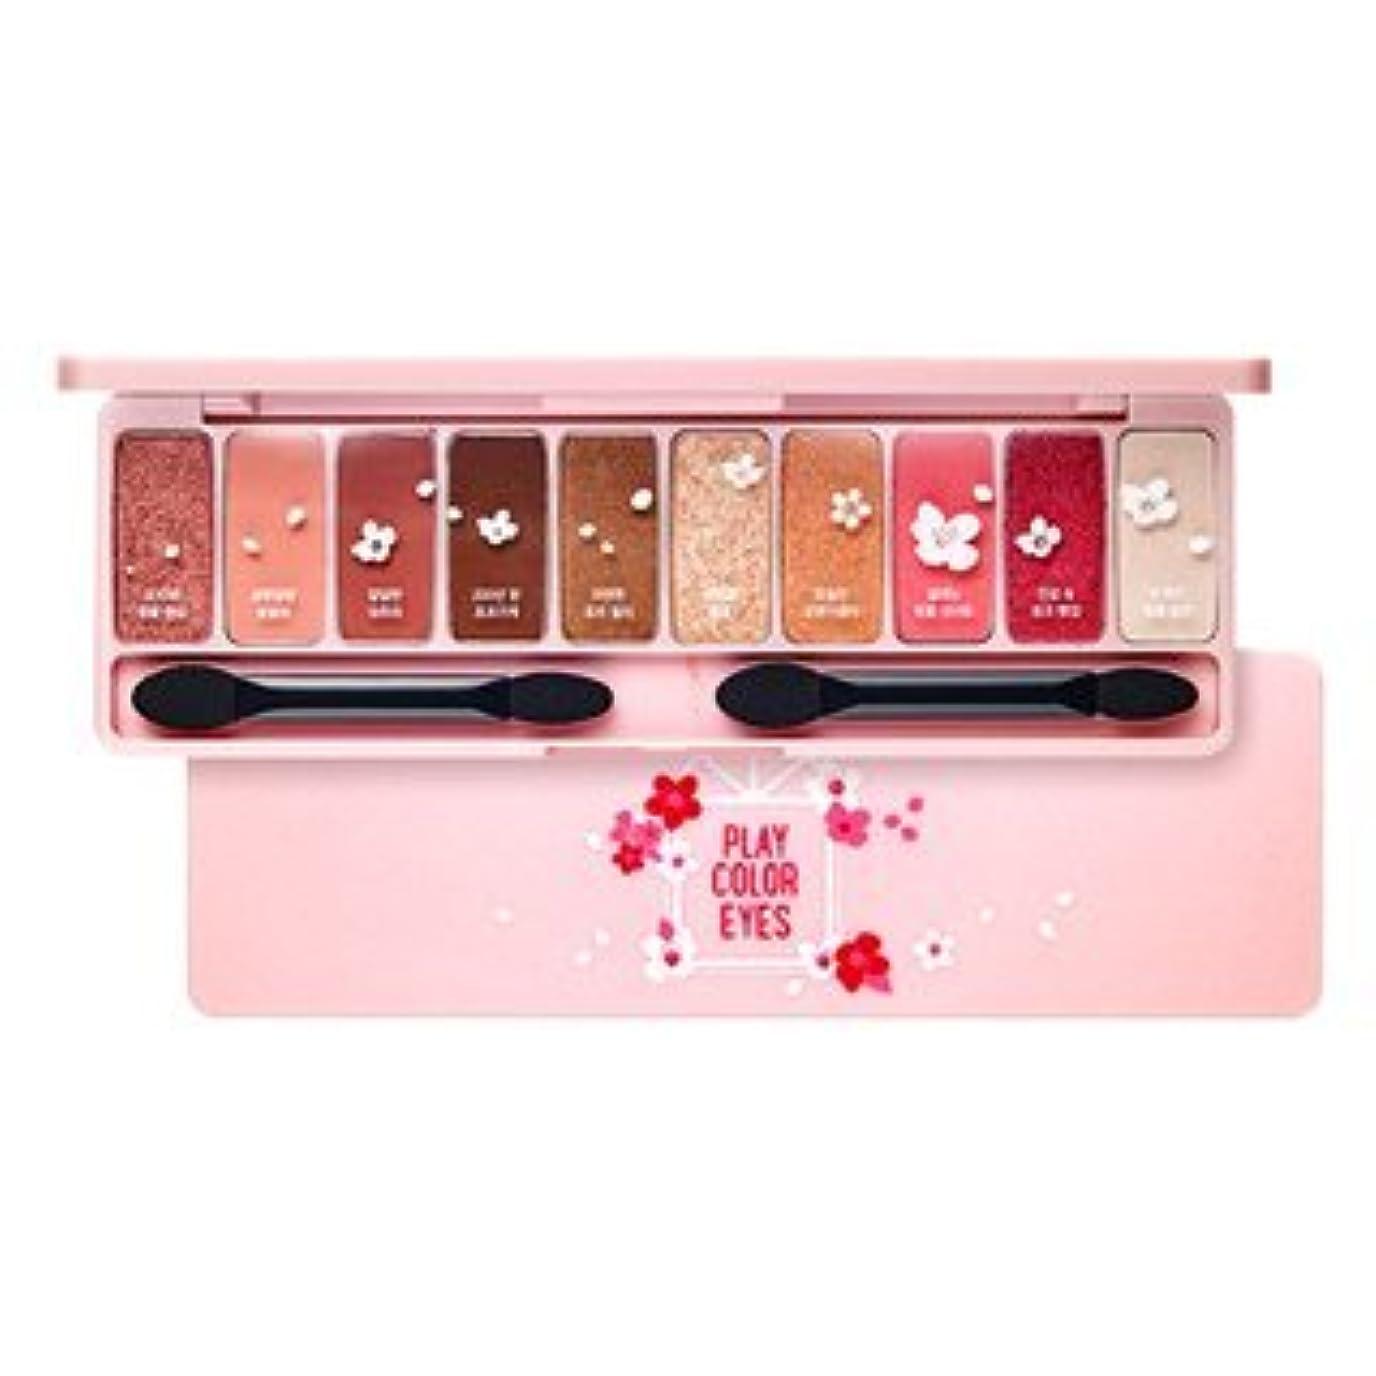 憎しみ独立マリナーETUDE HOUSE Play Color Eyes Cherry Blossom / エチュードハウス プレイカラーアイズチェリーブロッサム 1g x10